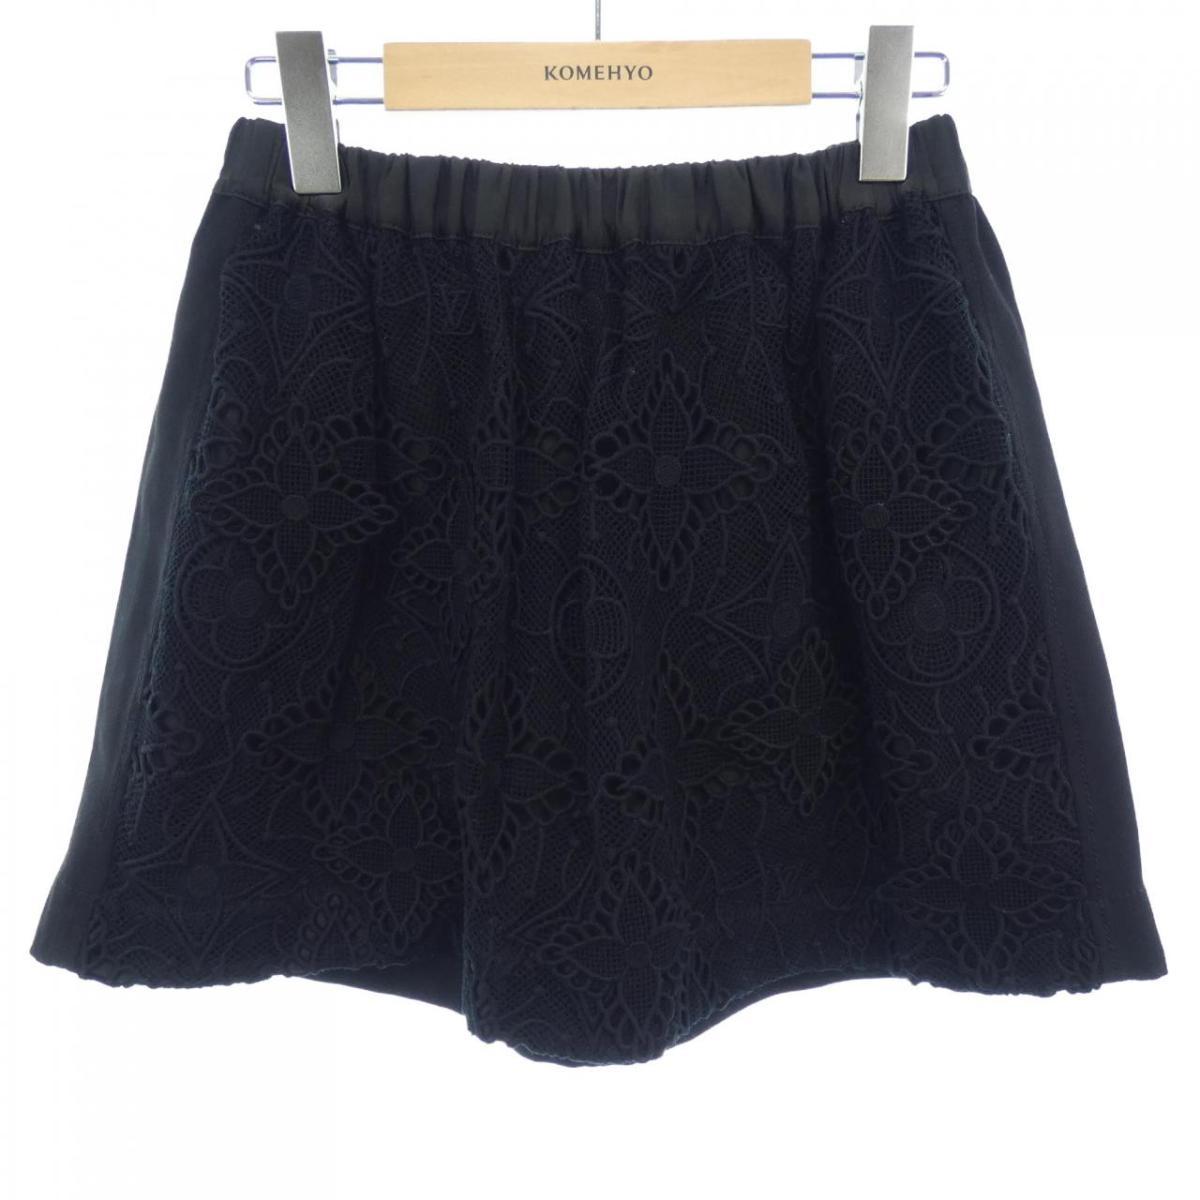 ルイヴィトン 最新号掲載アイテム LOUIS VUITTON スカート 中古 迅速な対応で商品をお届け致します